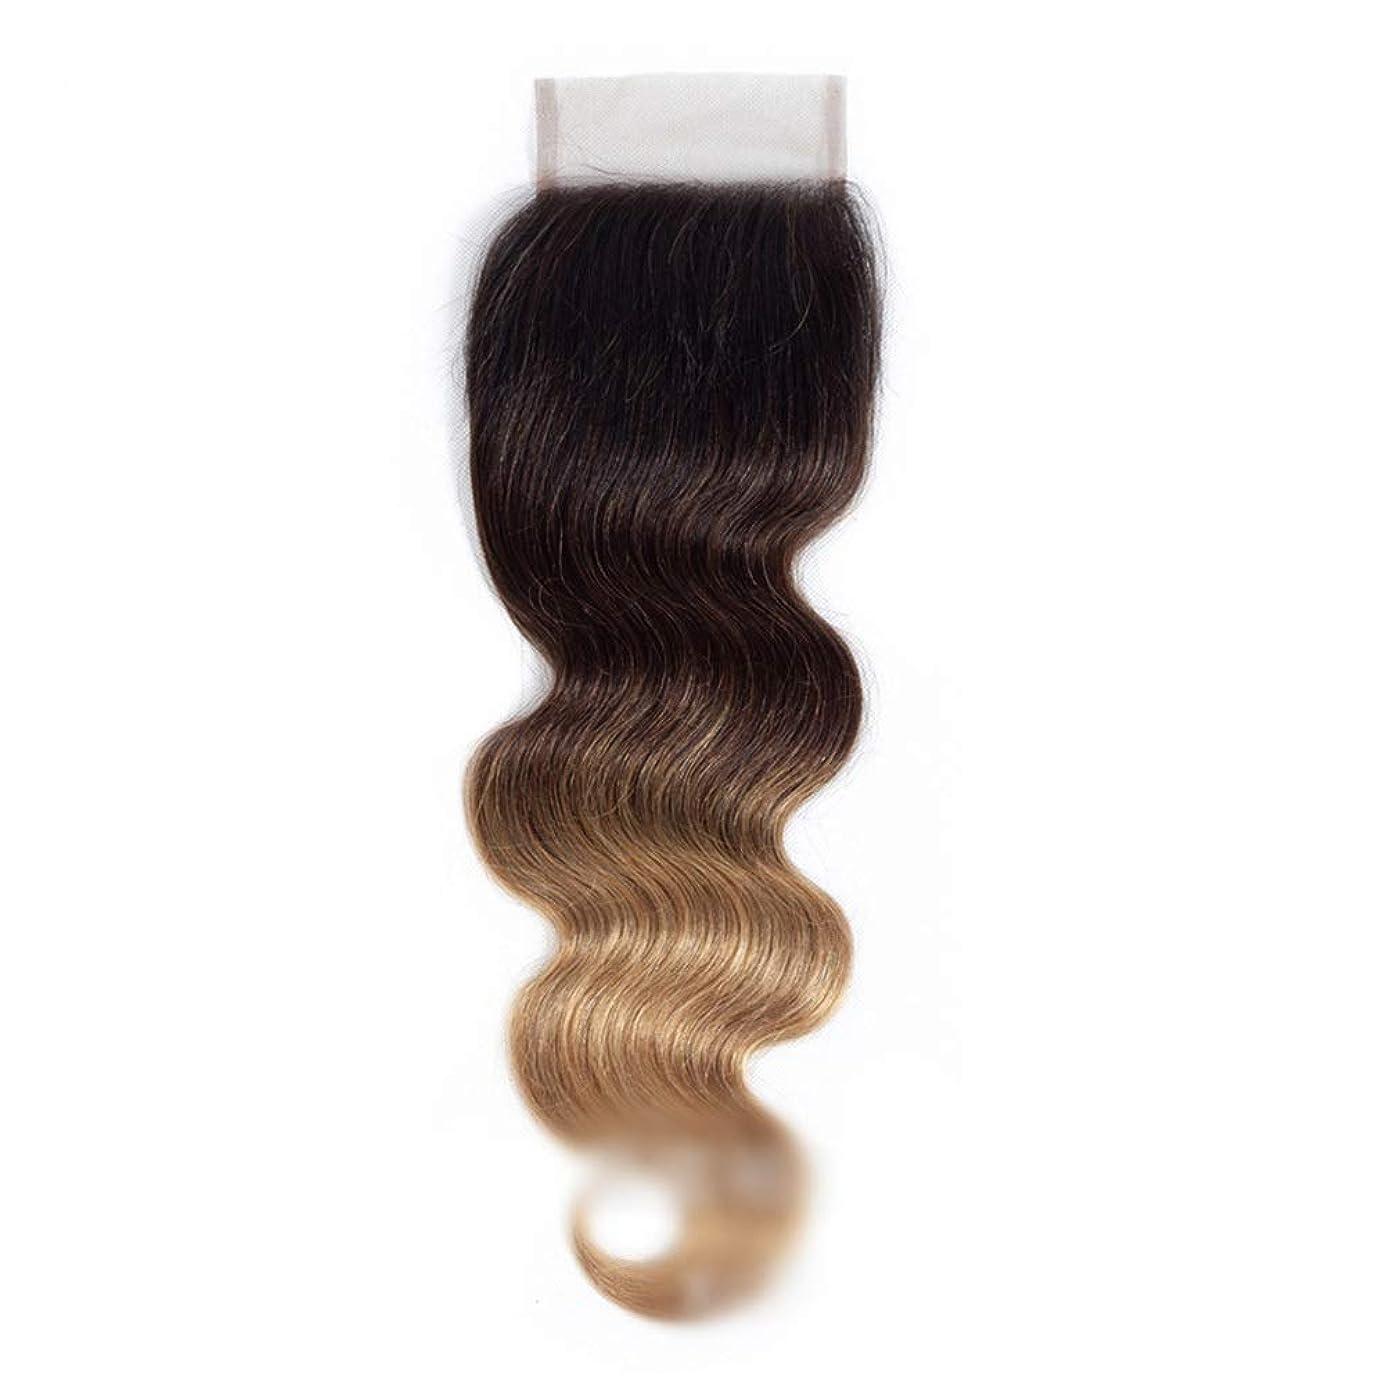 枠詐欺師病気のYrattary ブラジルの実体波人間の髪の毛の耳に4 * 4レース前頭閉鎖1B / 4/27 3トーンカラーブラウンウィッグロングストレートウィッグ (色 : ブラウン, サイズ : 8 inch)